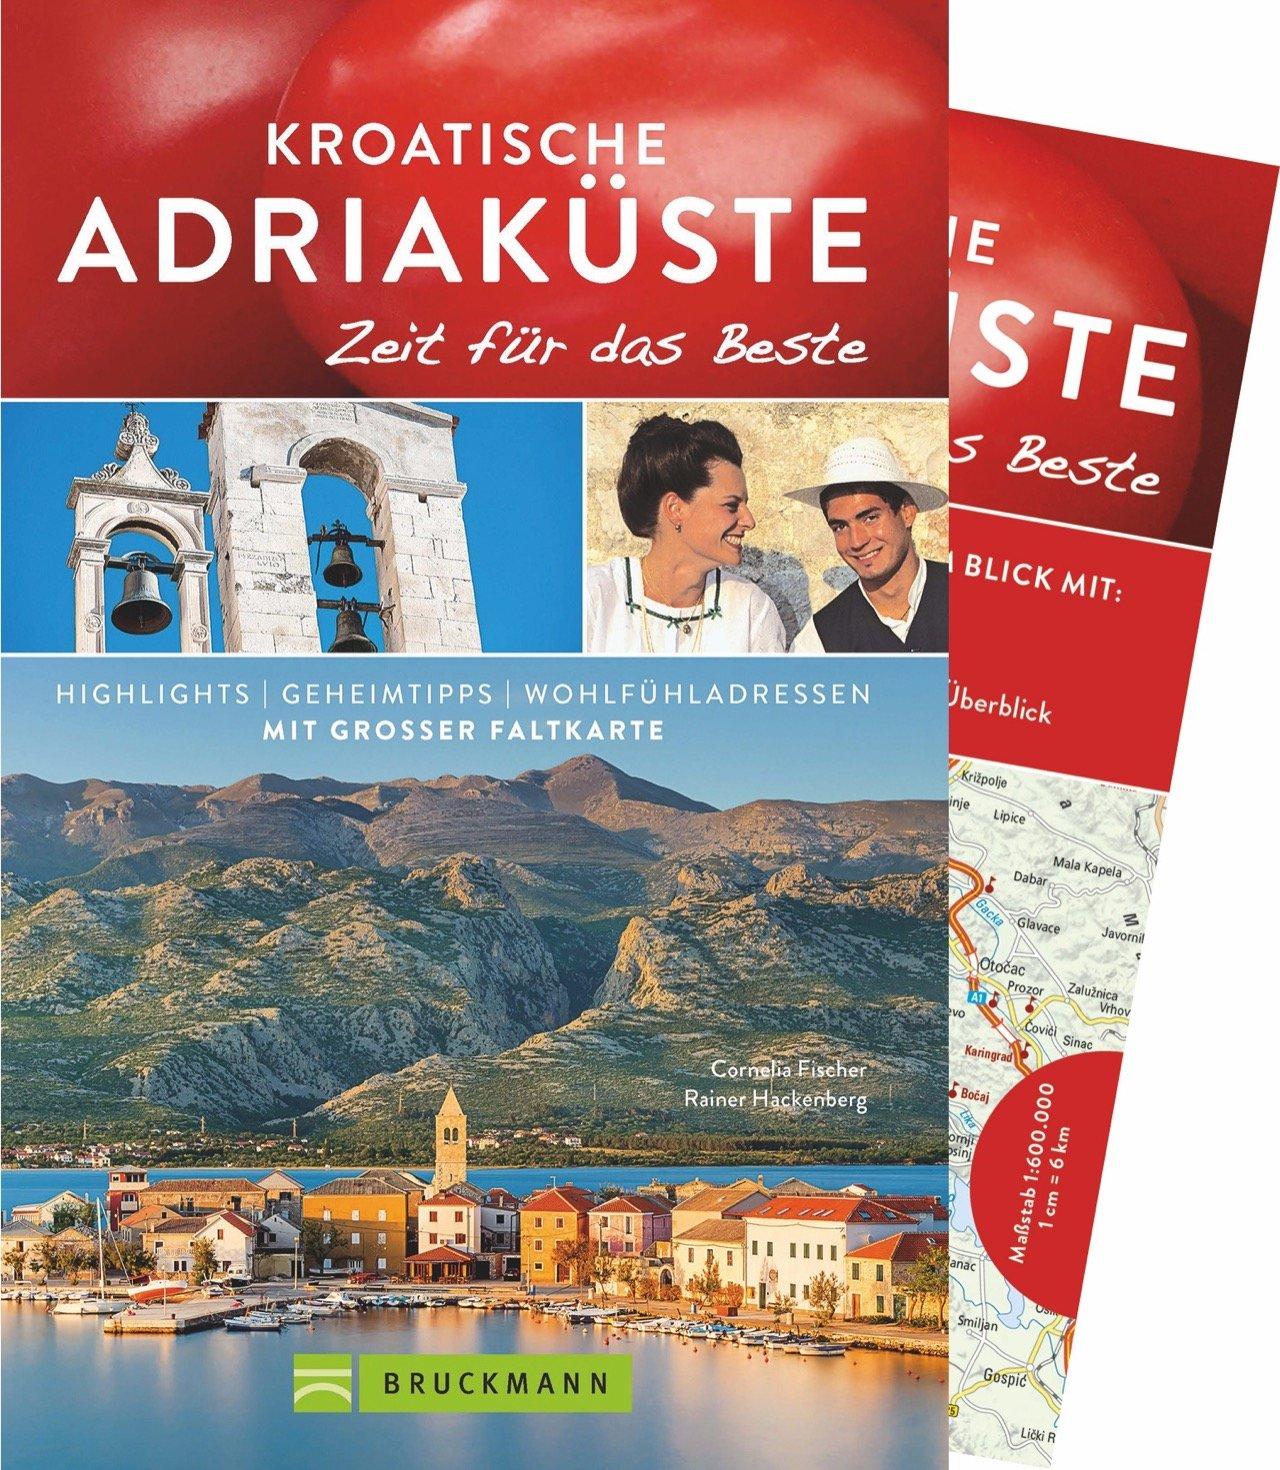 Bruckmann Reiseführer Kroatische Adriaküste: Zeit für das Beste. Highlights, Geheimtipps, Wohlfühladressen. Inklusive Faltkarte von Kroatien zum Herausnehmen. NEU 2018